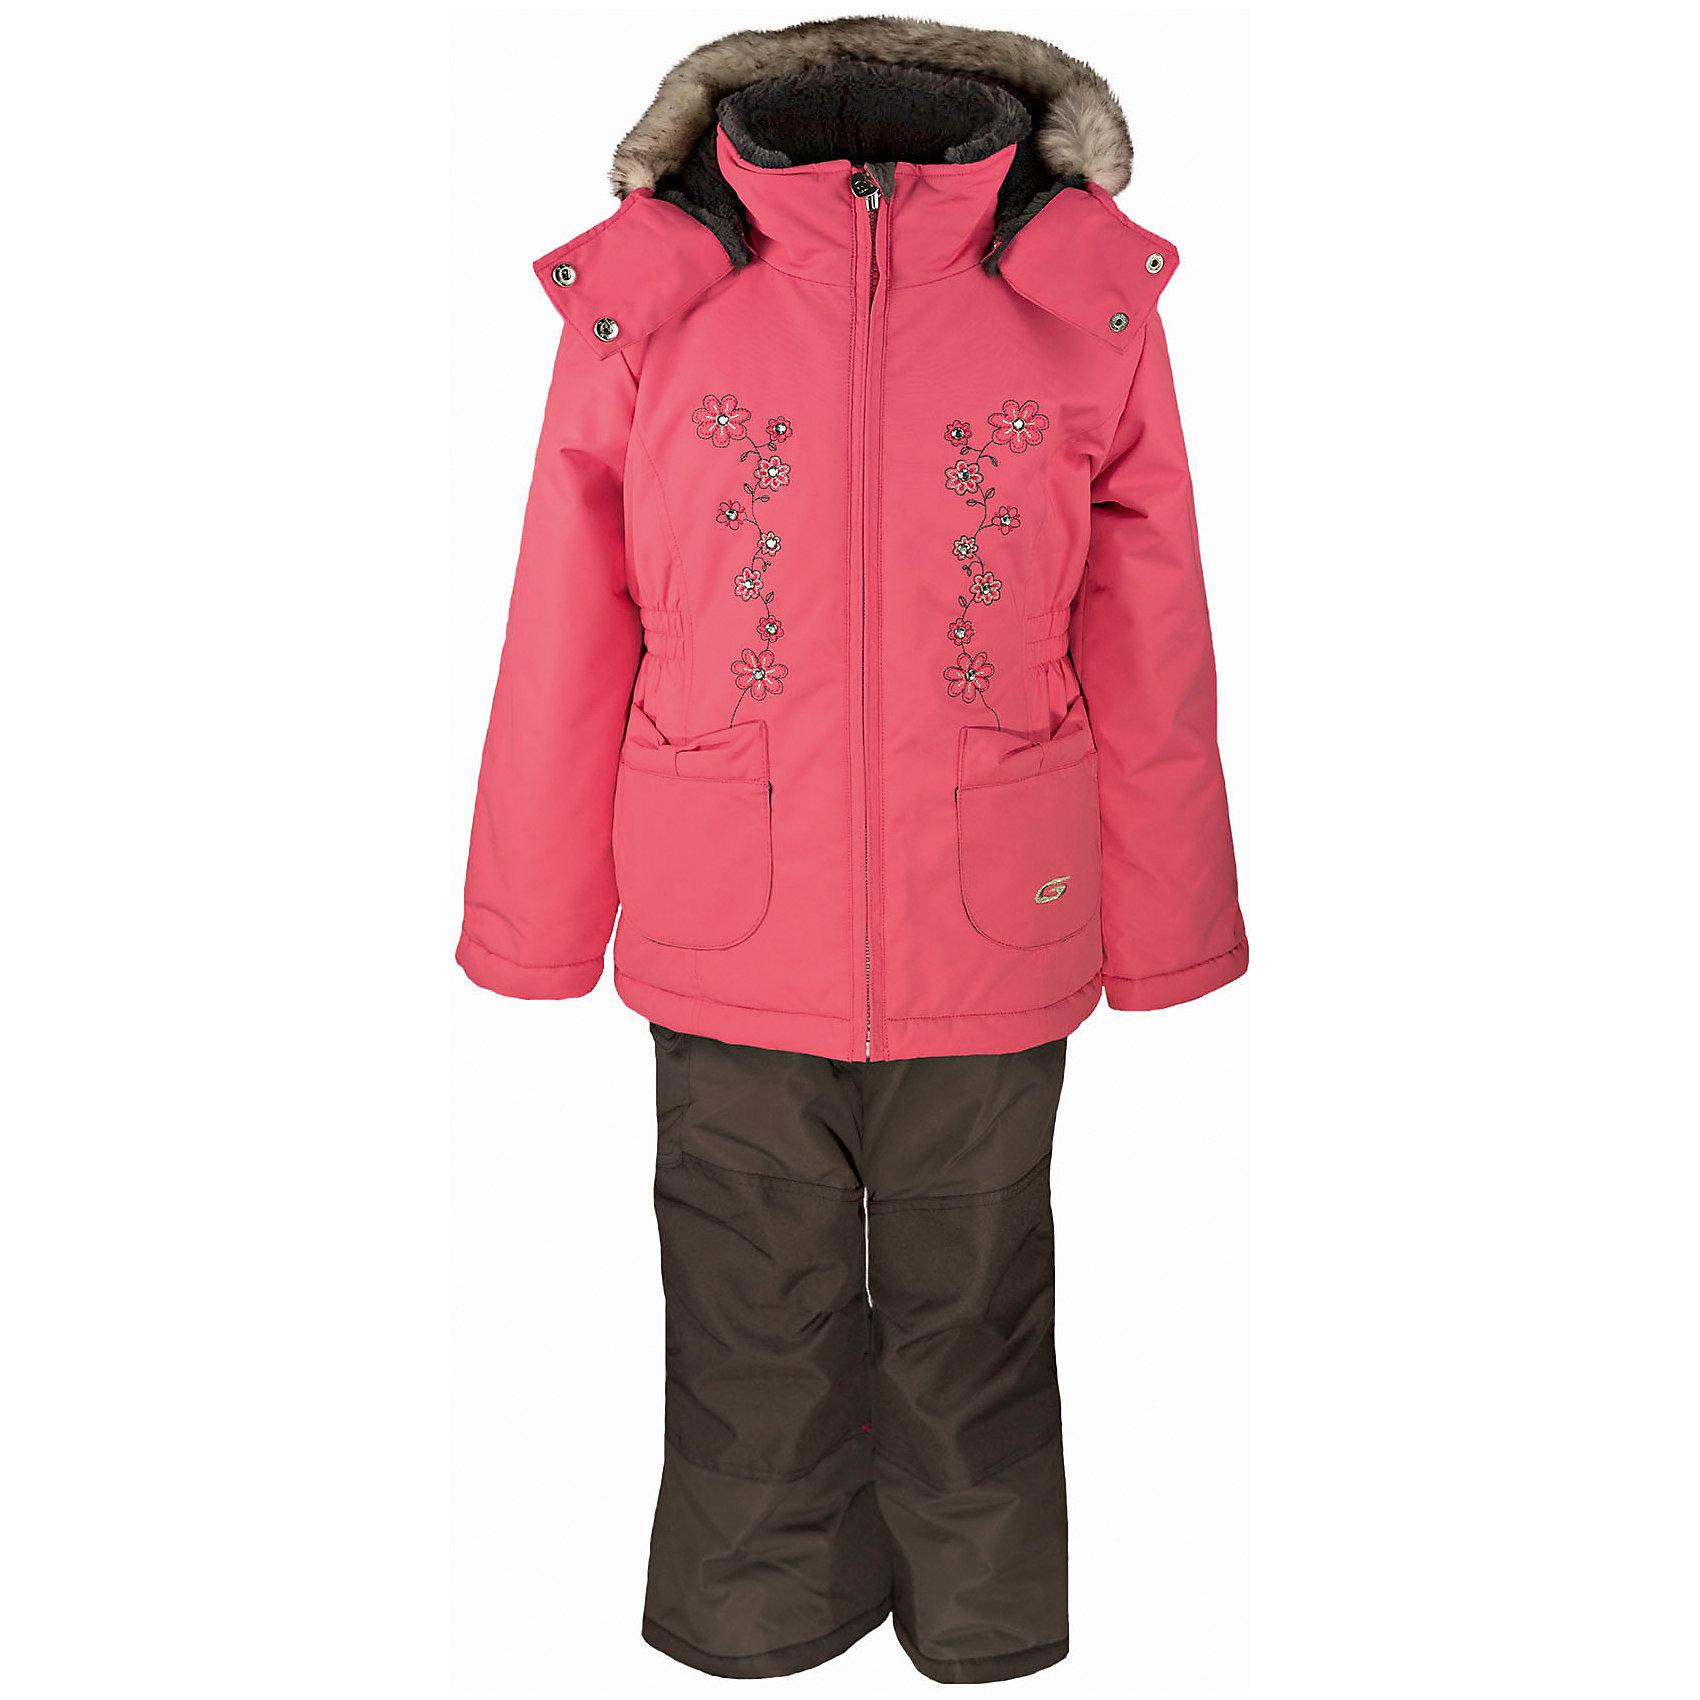 Комплект: куртка и полукомбинезон GUSTIВерхняя одежда<br>Комплект: куртка и полукомбинезон GUSTI (ГУСТИ) – это идеальный вариант для суровой зимы с сильными морозами.<br><br>Температурный режим: до -30  градусов. Степень утепления – высокая. <br><br>* Температурный режим указан приблизительно — необходимо, прежде всего, ориентироваться на ощущения ребенка. Температурный режим работает в случае соблюдения правила многослойности – использования флисовой поддевы и термобелья.<br><br>Комплект от GUSTI (ГУСТИ) состоит из куртки и полукомбинезона, выполненных из плотного непромокаемого материала с защитной от влаги мембраной 5000 мм. Тань хорошо сохраняет тепло, отталкивает влагу и позволяет коже ребенка дышать. Утеплитель из тек-полифилла и флисовая внутренняя отделка на груди и на спинке дают возможность использовать комплект при очень низких температурах. Куртка застегивается на молнию, имеет два накладных кармана, снегозащитную юбку, эластичную утяжку на талии, трикотажные манжеты в рукавах, высокий ворот с защитой подбородка, отстёгивающийся капюшон с подкладкой и оторочкой из искусственного меха. Полукомбинезон застегивается на молнию, имеет накладной карман с клапаном на липучке, регулируемые лямки, снегозащитные гетры. Длина брючин регулируется (отворот с креплением на липе). Сзади, на коленях, и по низу брючин имеется дополнительный слой ткани Cordura Oxford (сверхстойкий полиэстер). До размера 6х (120 см.) у полукомбинезона высокая грудка, в размерах 7 (122 см.) - 14 (164см) отстегивающаяся спинка, грудки нет. Модель подходит для прогулок на морозе до -30 градусов.<br><br>Дополнительная информация:<br><br>- Сезон: зима<br>- Пол: девочка<br>- Цвет: серый, розовый<br>- Узор: однотонный<br>- Температурный режим до -30 градусов<br>- Материал верха: куртка - shuss 5000мм (100% полиэстер); брюки - taslan 5000мм, накладки Cordura Oxford сзади, на коленях, и по низу брючин<br>- Наполнитель: куртка - тек-полифилл плотностью 283 гр/м (10 унций) 100% полиэстер; брюки - тек